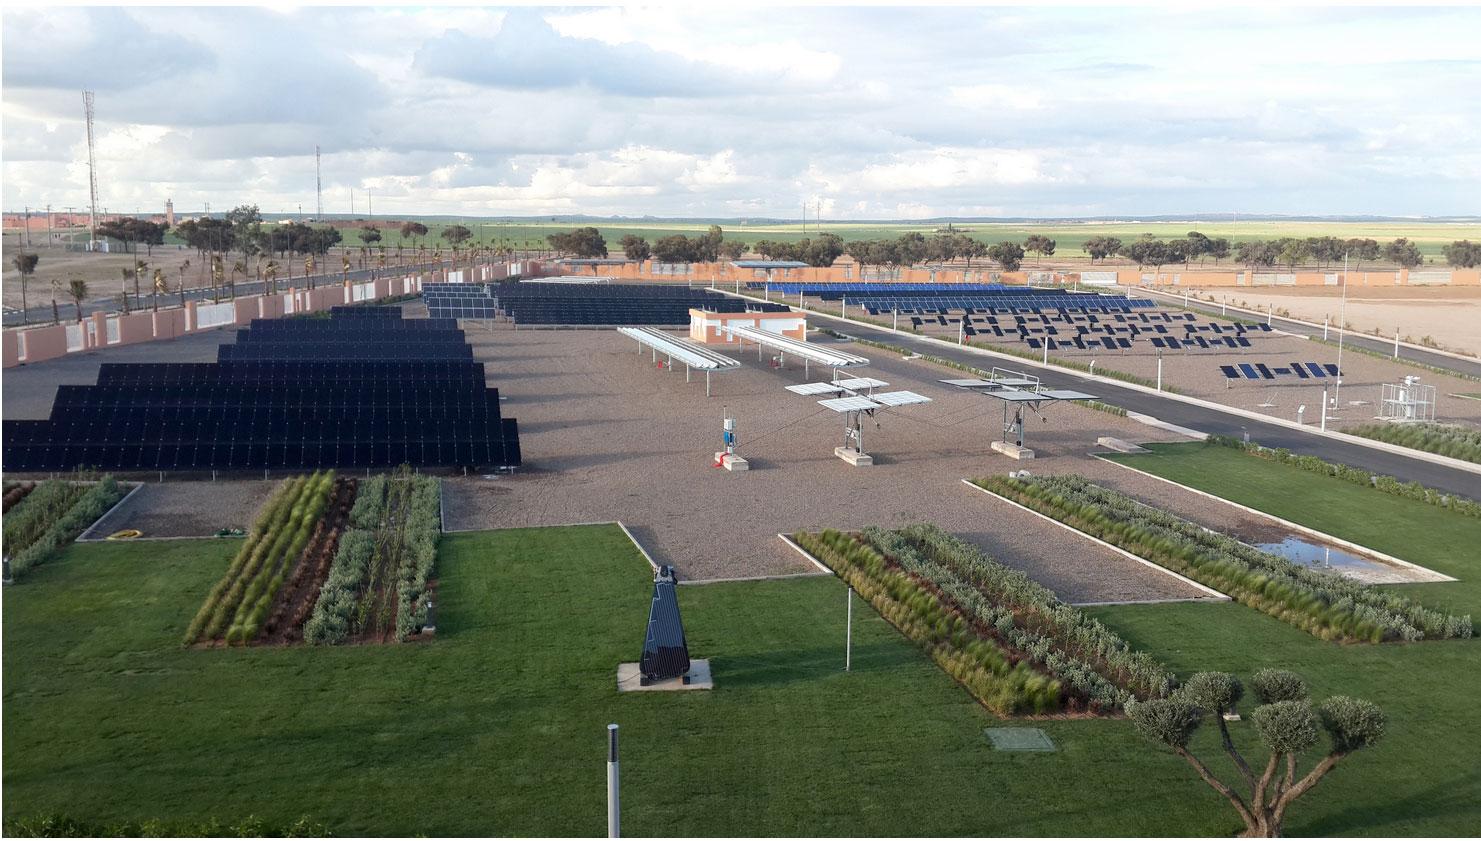 Der 2015 in Betrieb genommene »Green Energy Park« in Ben Guerir ist die größte Photovoltaik-Testplattform Afrikas. / Pressebild